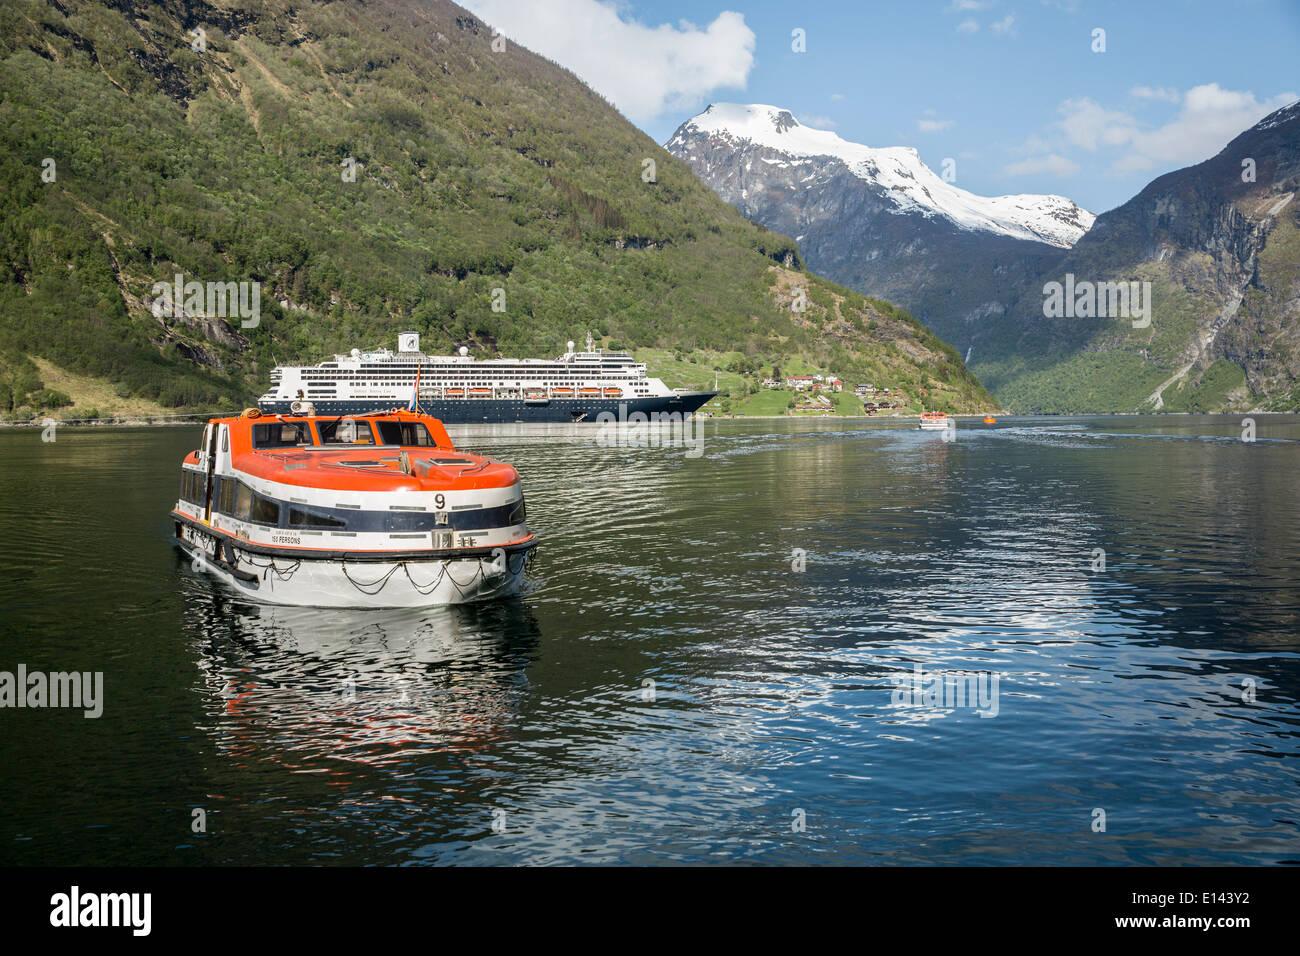 Noruega, Geiranger, Geiranger fiordo. Pueblo y montañas. Barco Crucero MS Rotterdam de Holland America Line. Botes de licitación Imagen De Stock